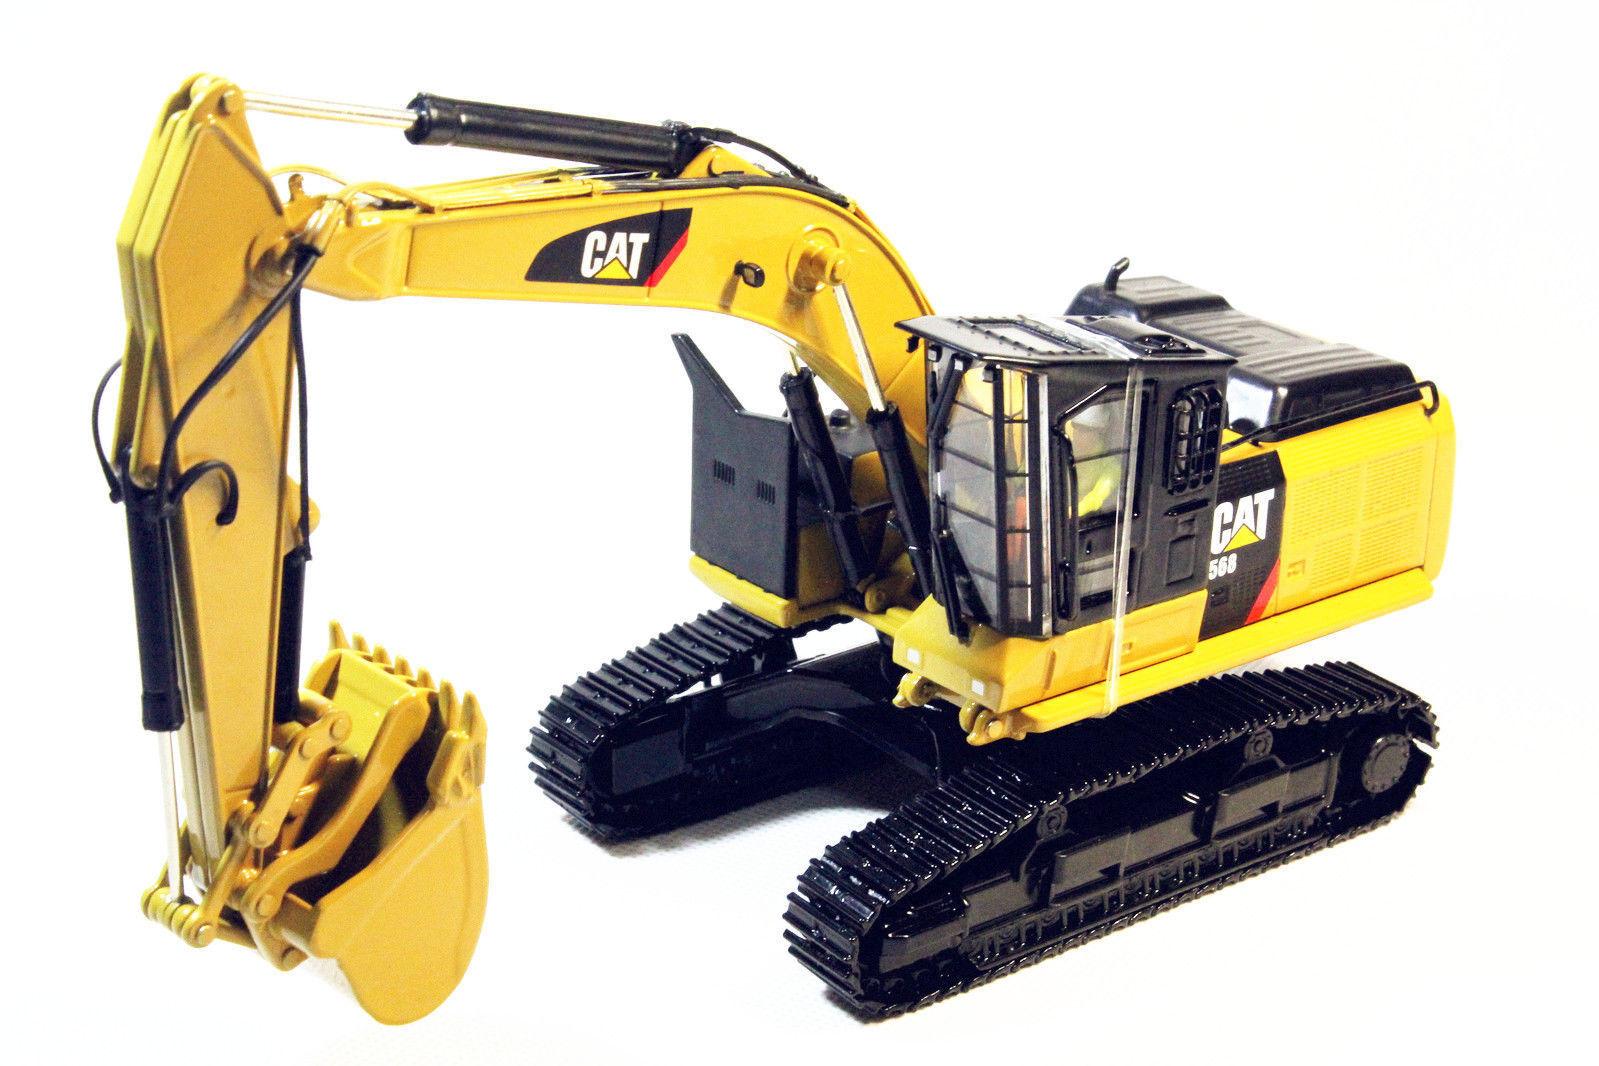 1 50 DM Caterpillar Cat 568 Road Builder Configuration Diecast Model